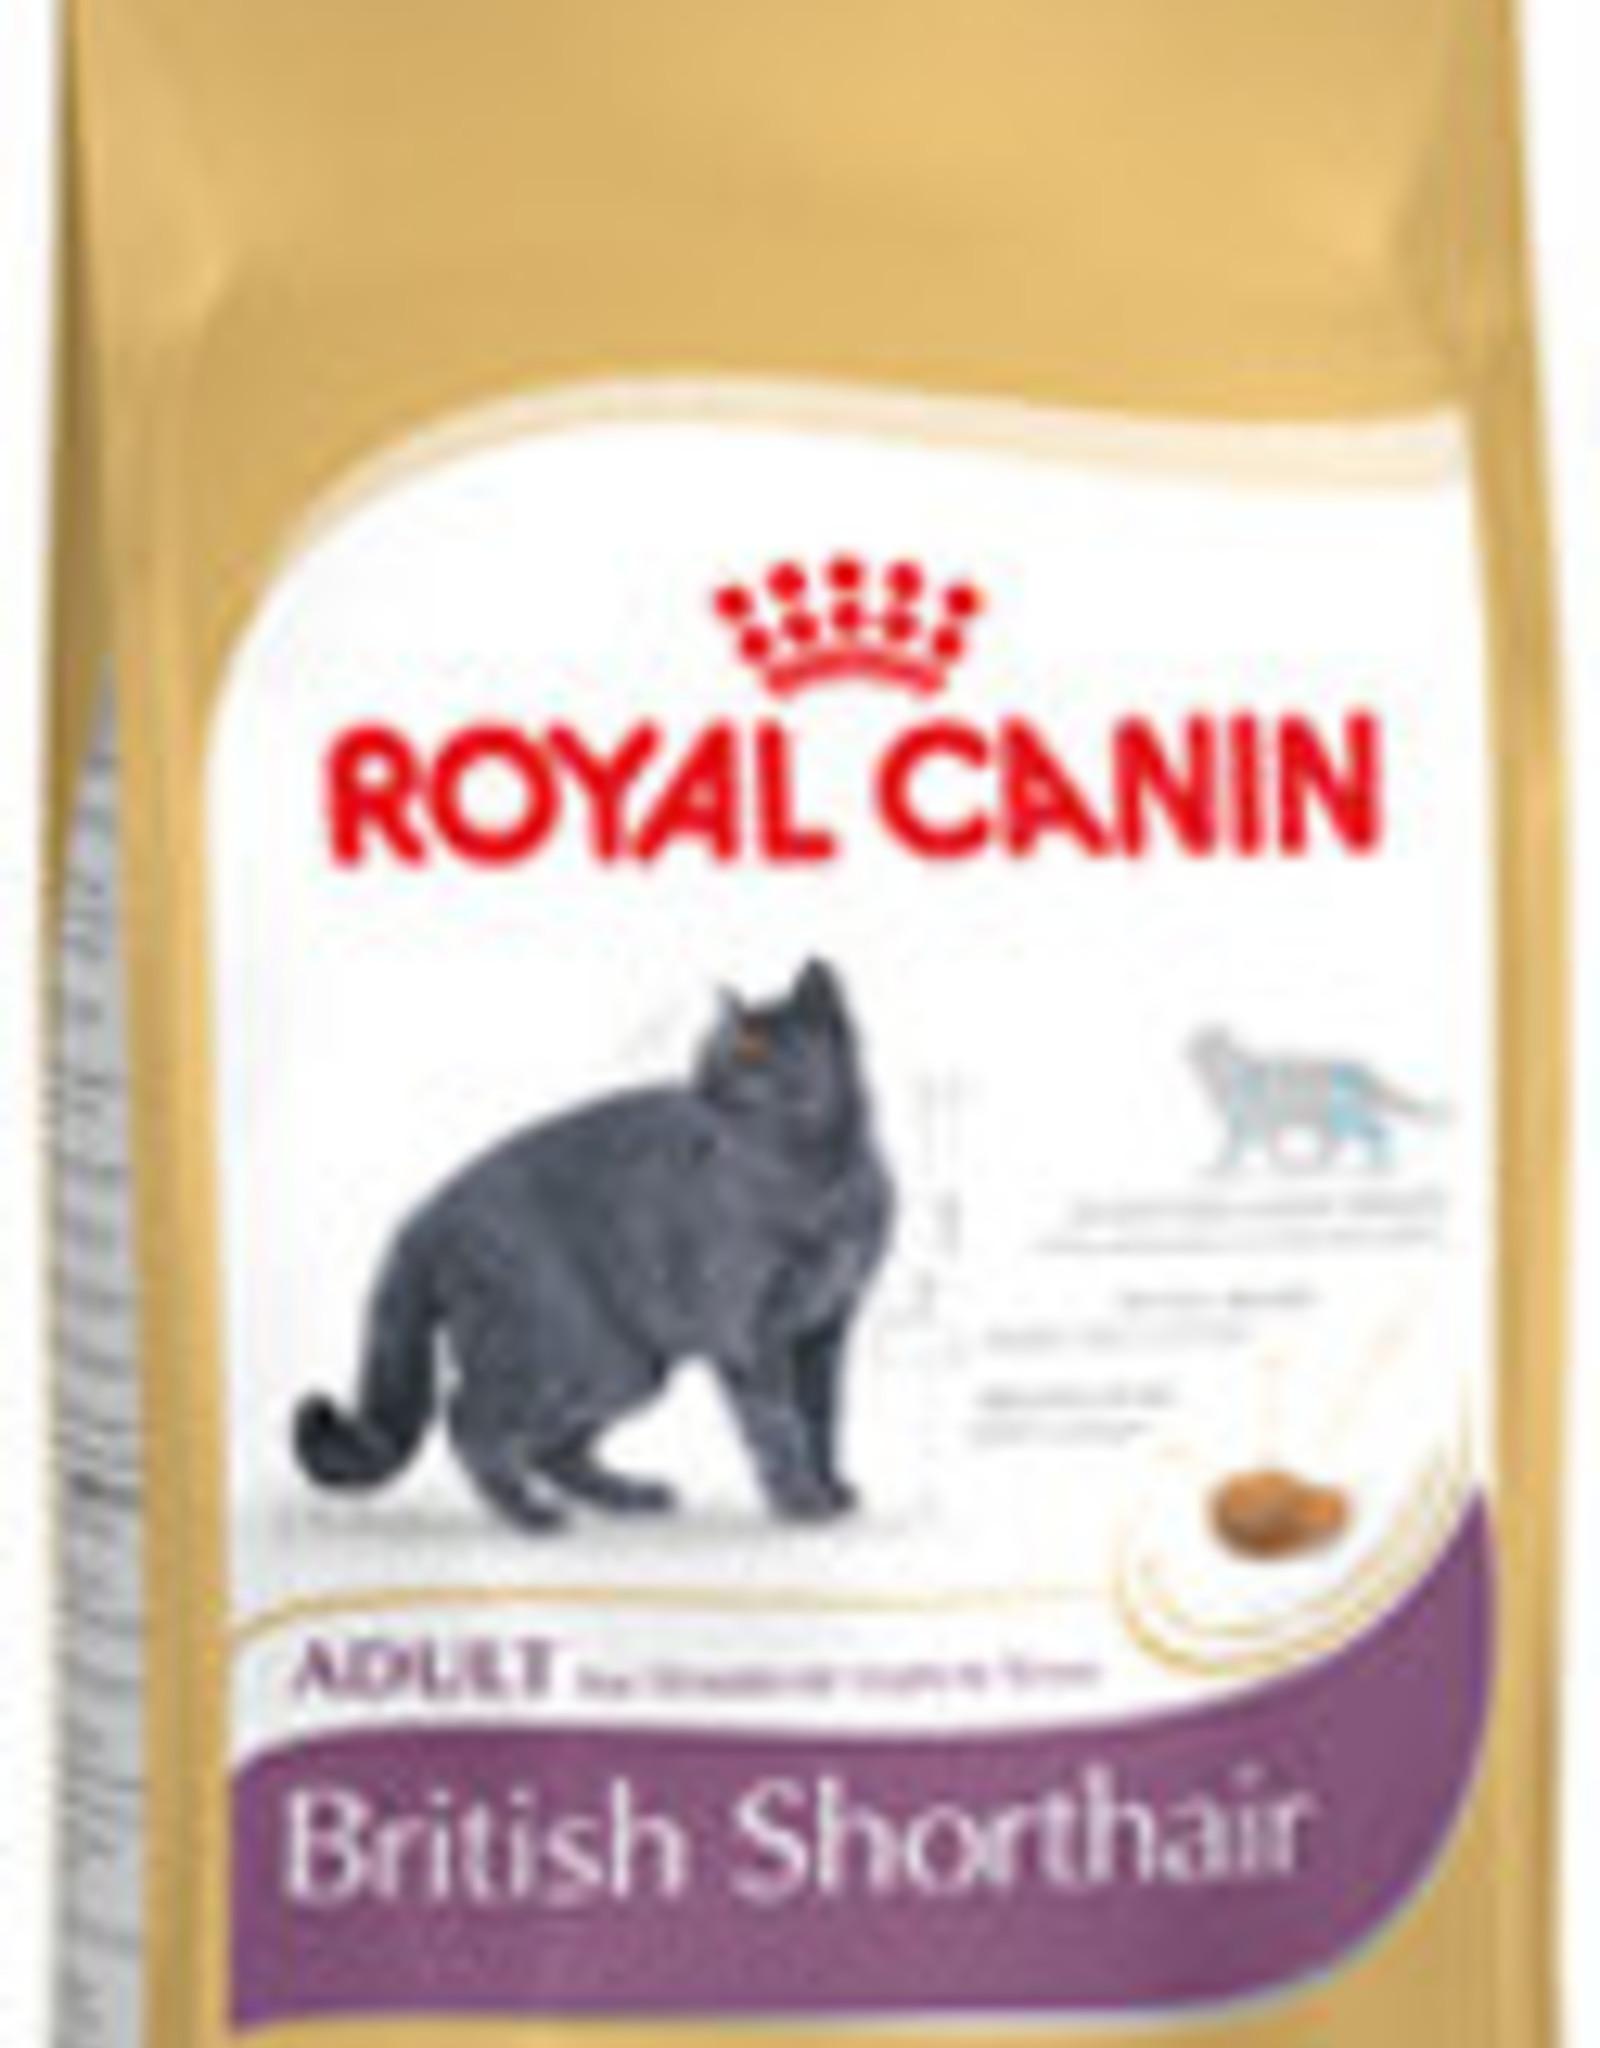 Royal Canin Royal Canin Fbn British Shorthair 10kg